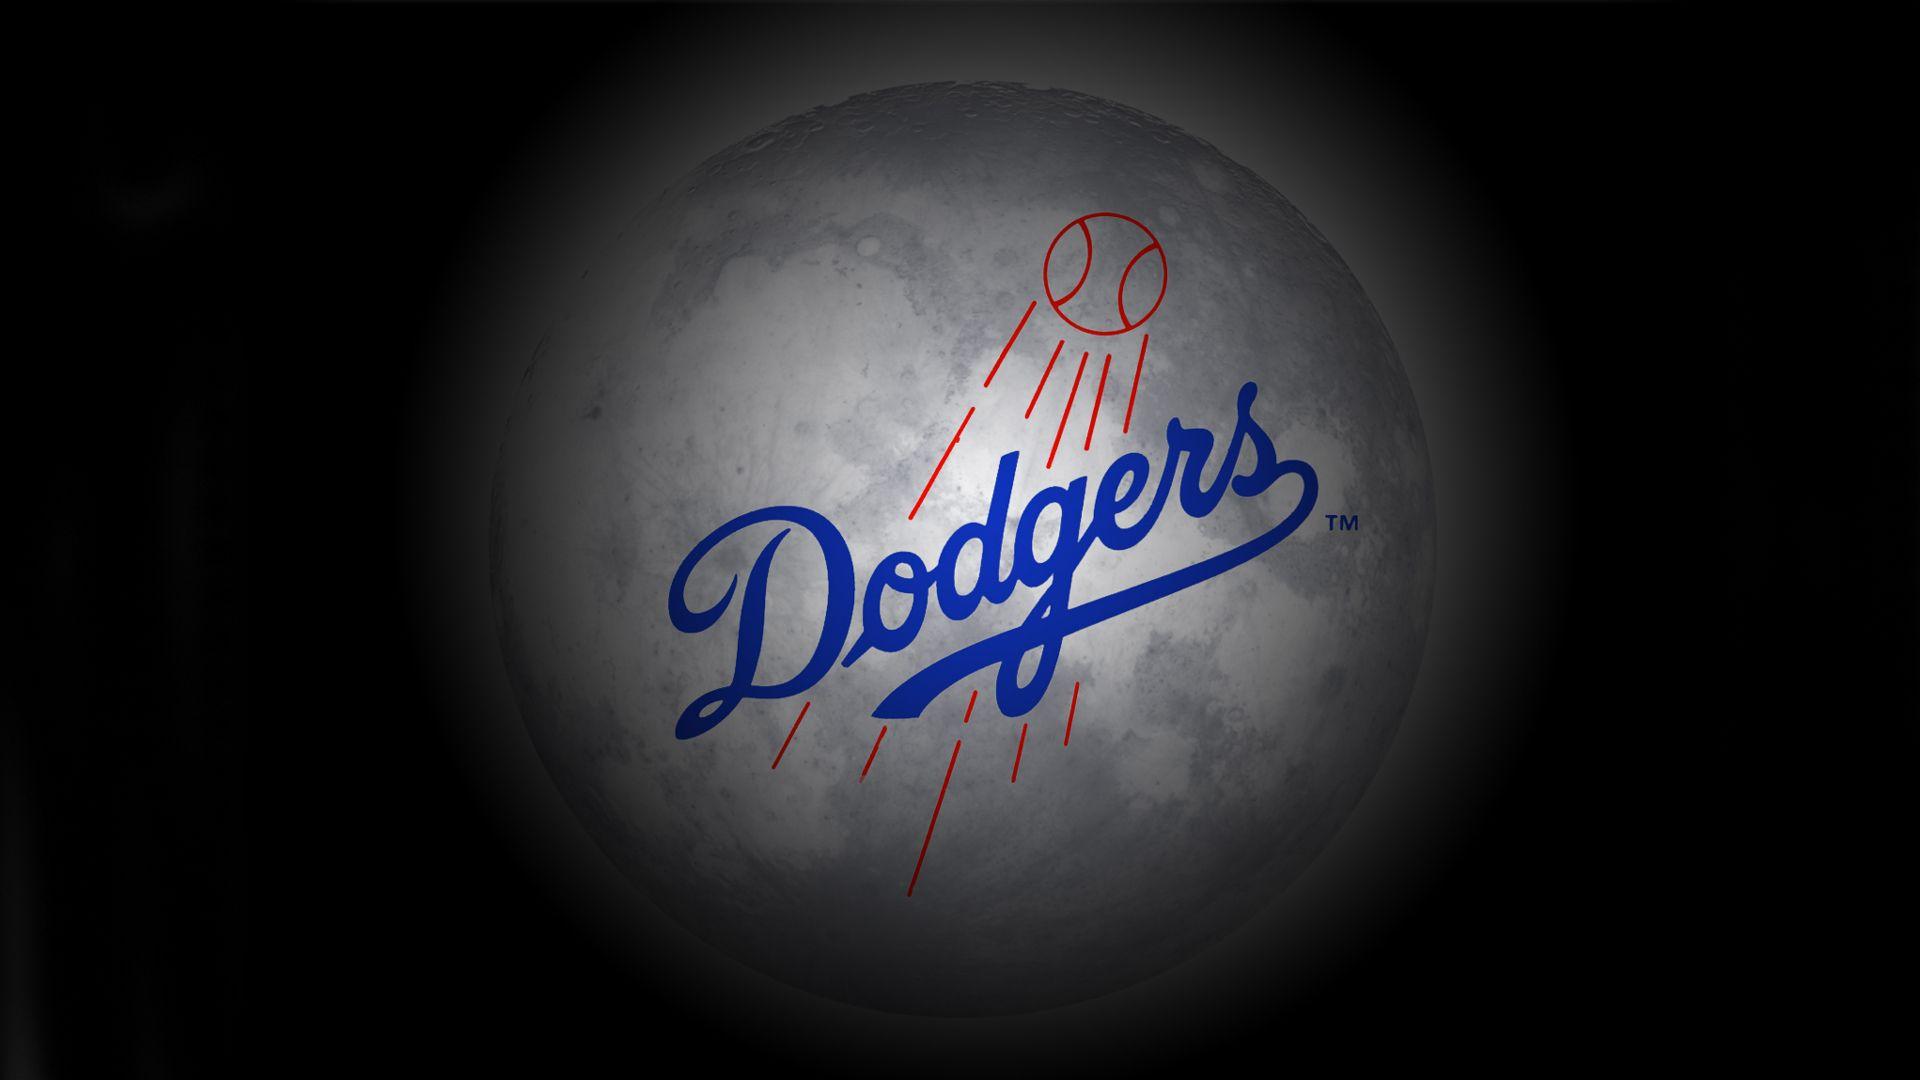 Dodgers HD 1080 wallpaper